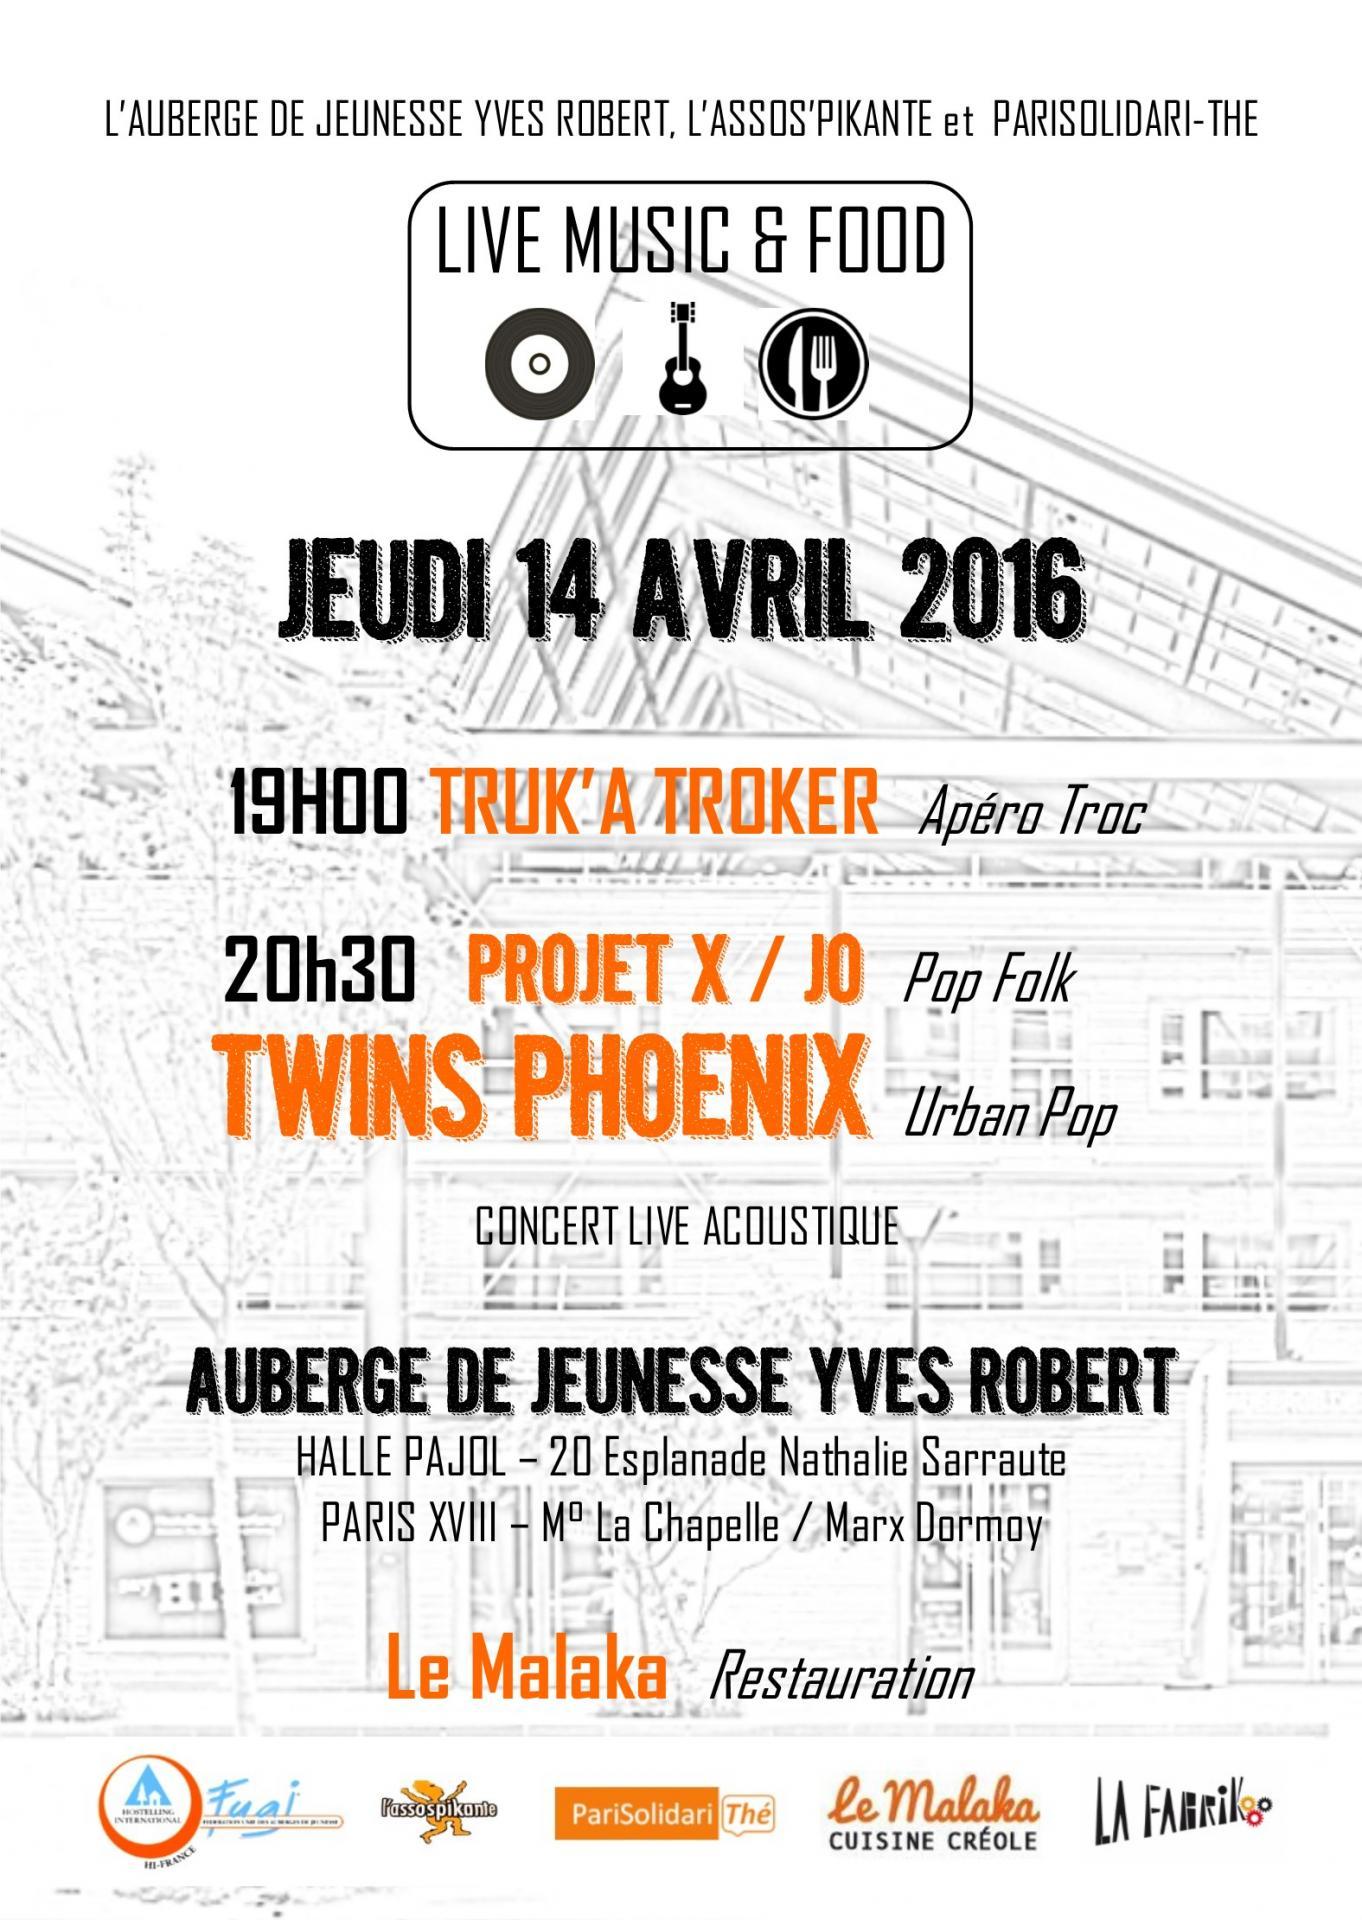 Apéro troc & concert auberge de jeunesse Yves Robert et PariSolidari-Thé